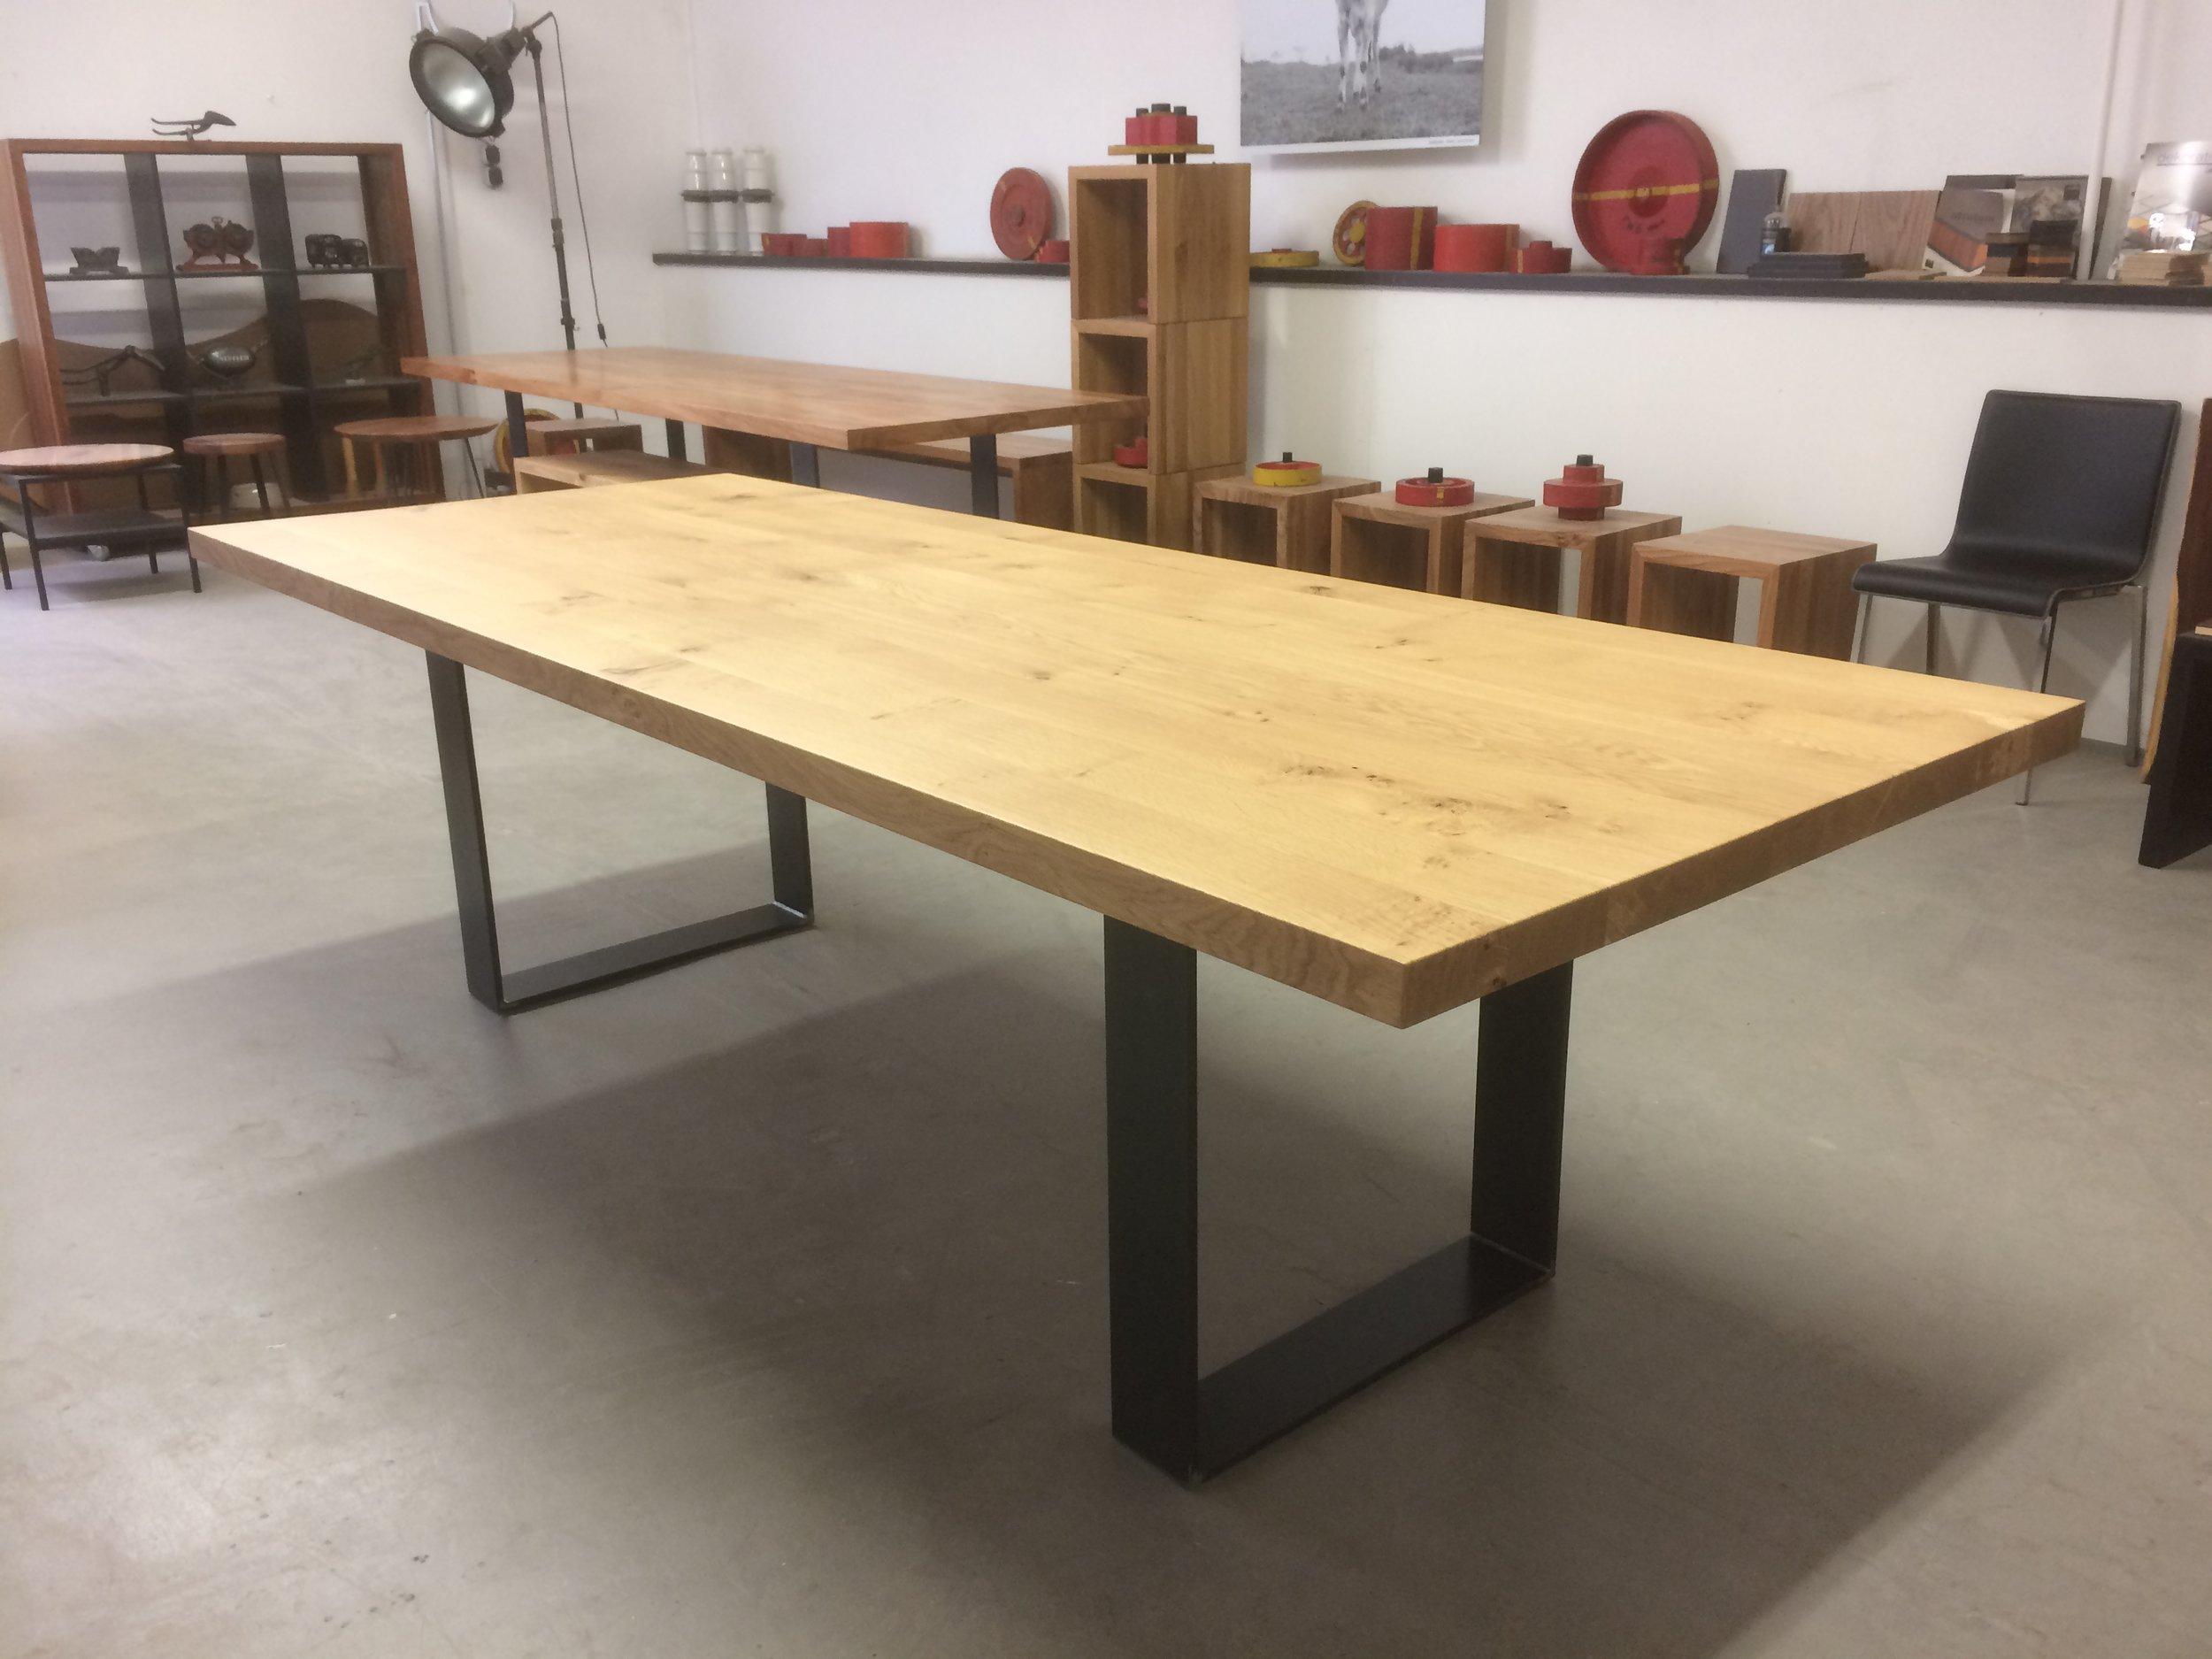 Kufentisch Oscar aus Asteiche und Stahl, 260 x 100 cm 2200 Euro